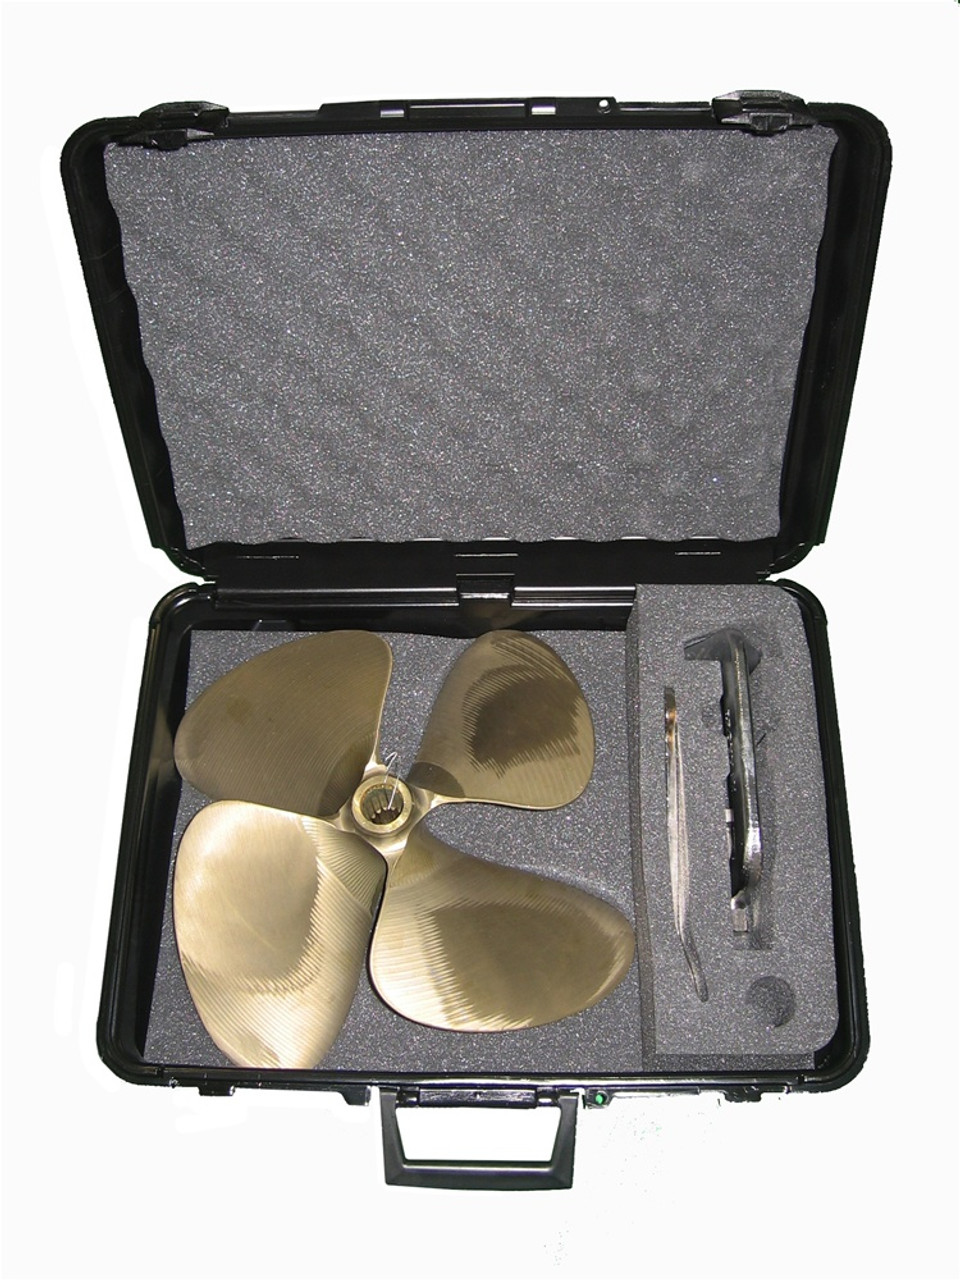 Prop Puller Kit